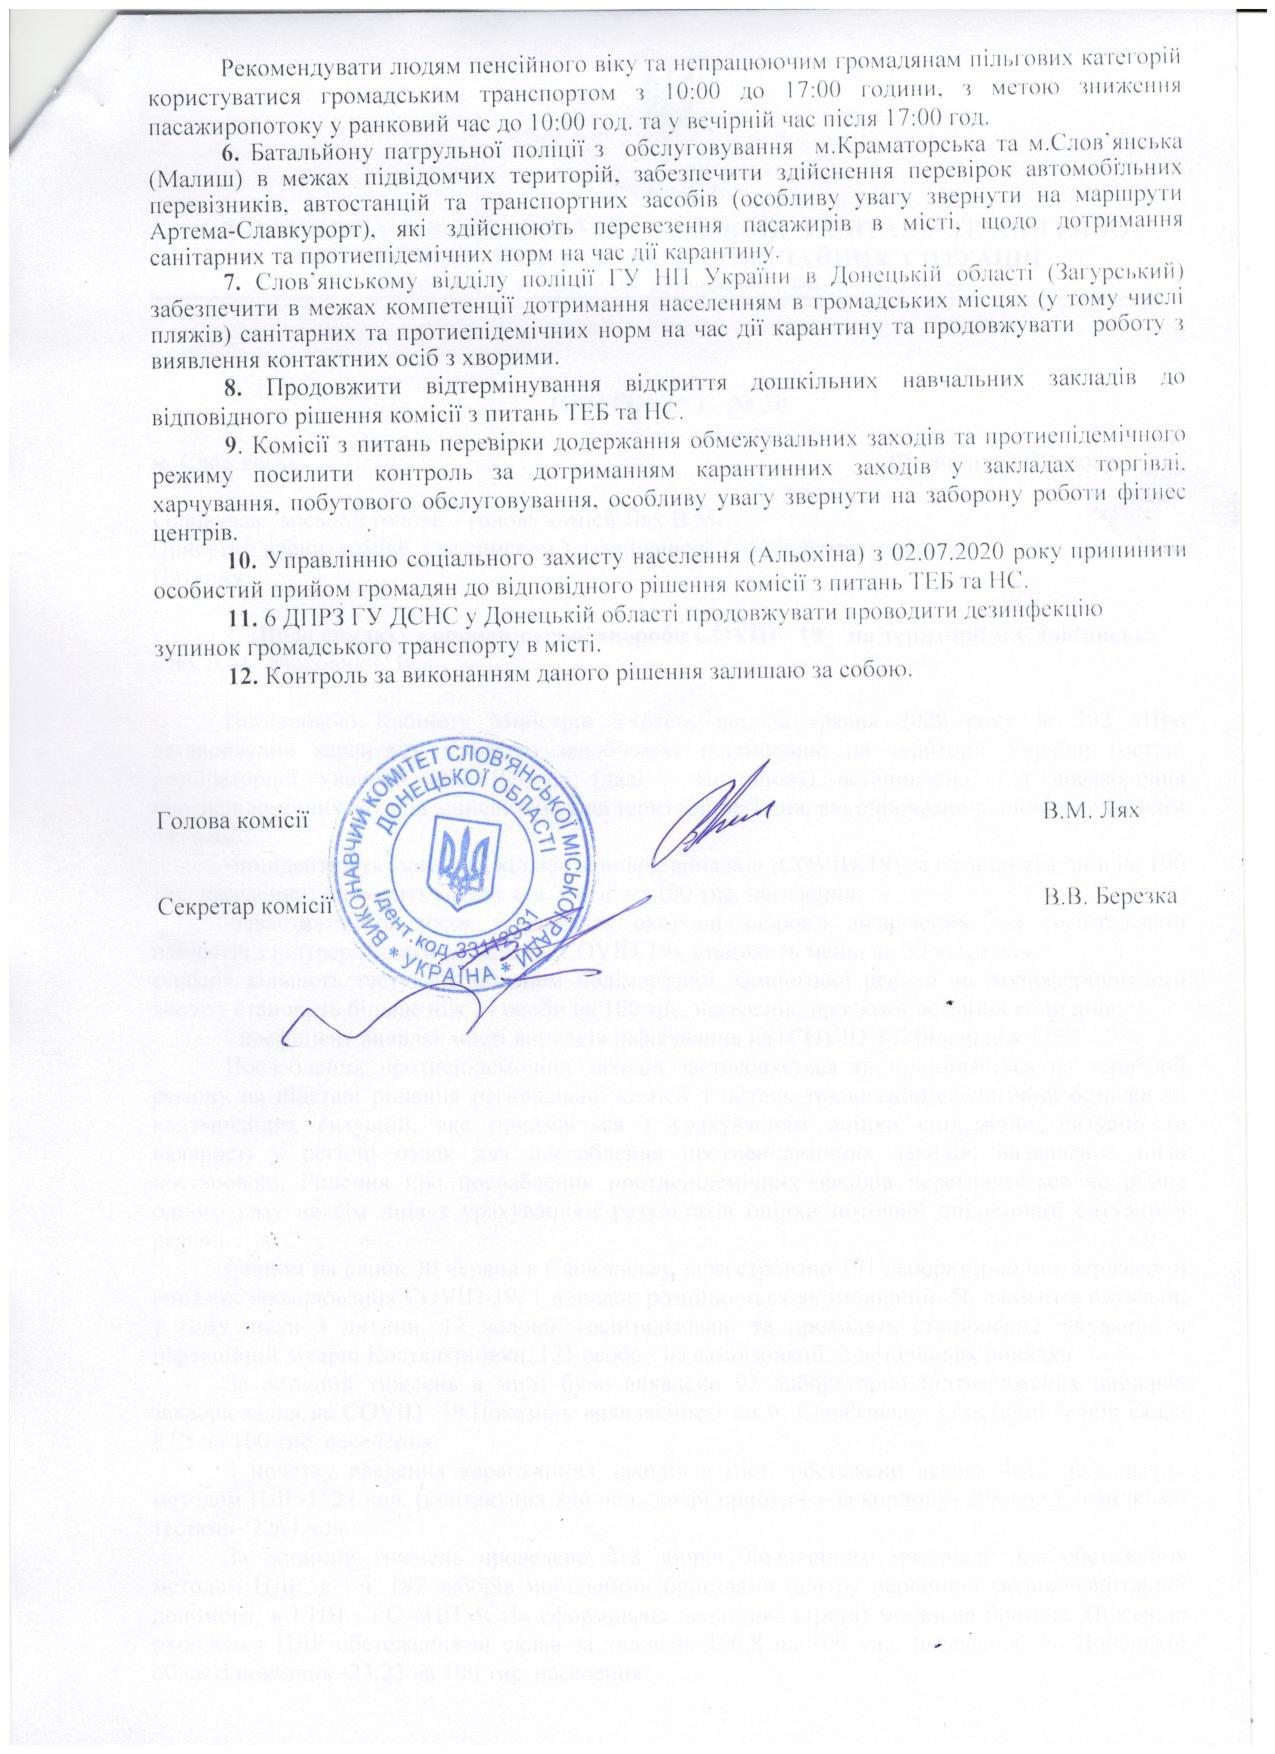 Через ситуацію з коронавірусом у Слов'янську повертають деякі обмеження , фото-3